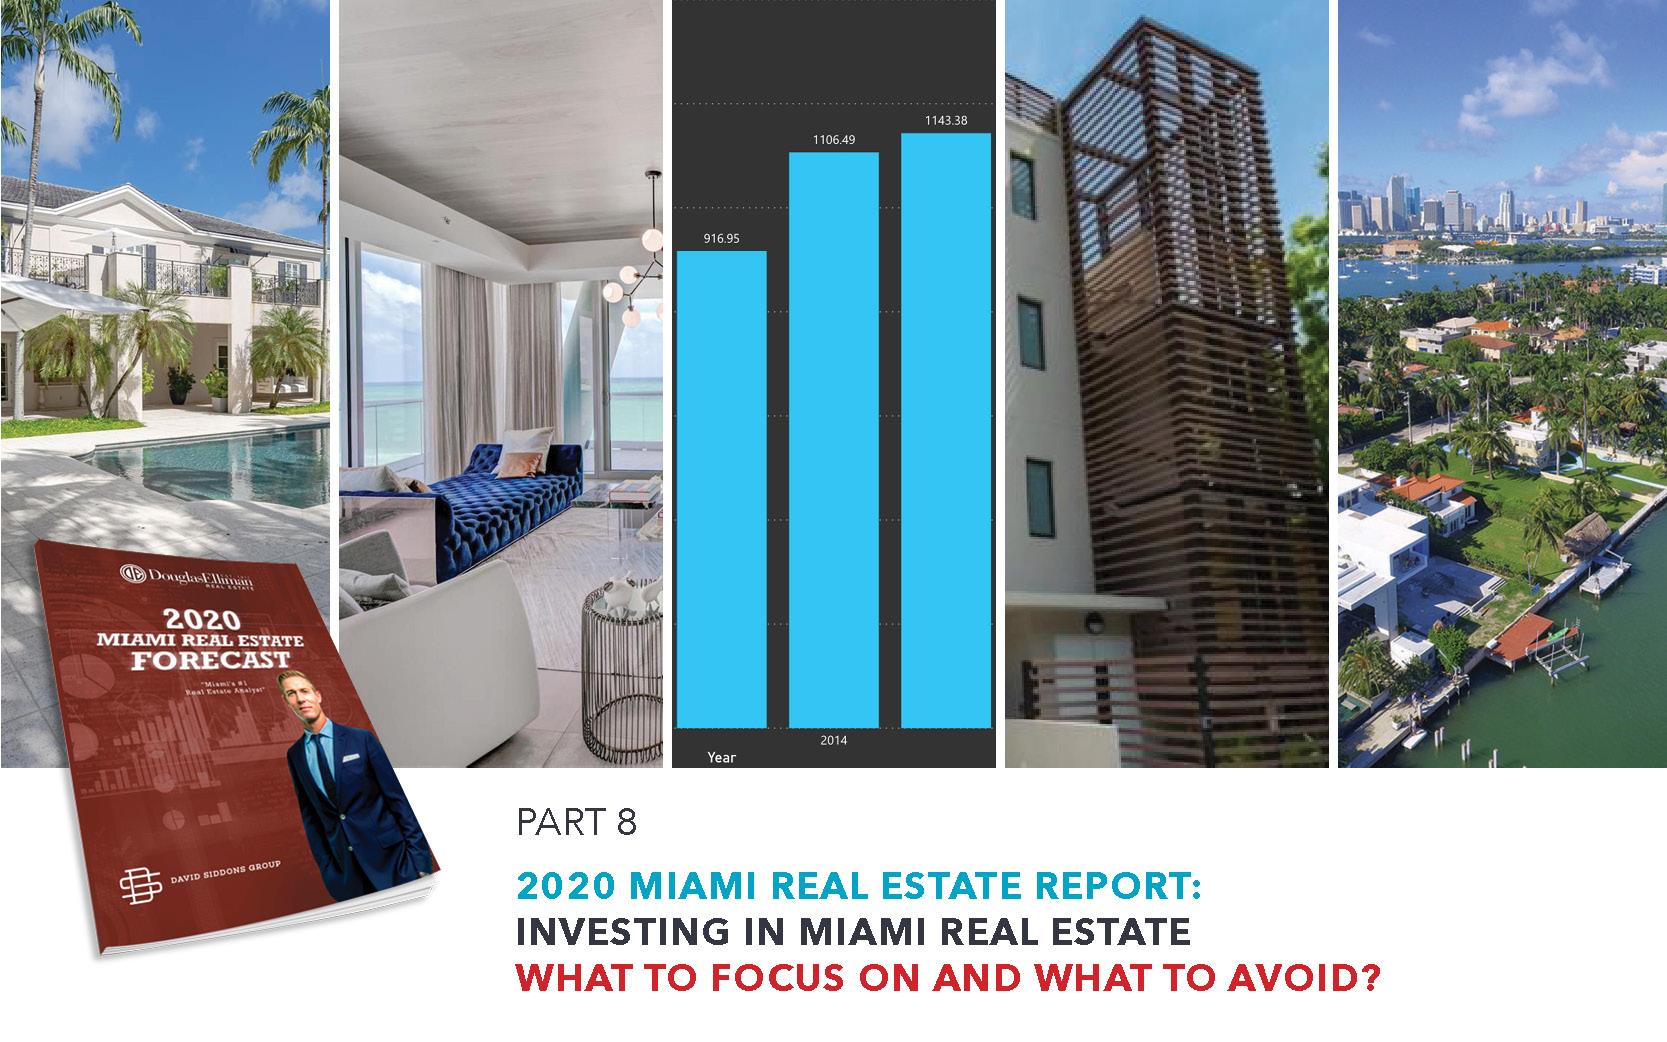 The Q1 2020 Miami Real Estate Report: Investing in the Miami Real Estate Market